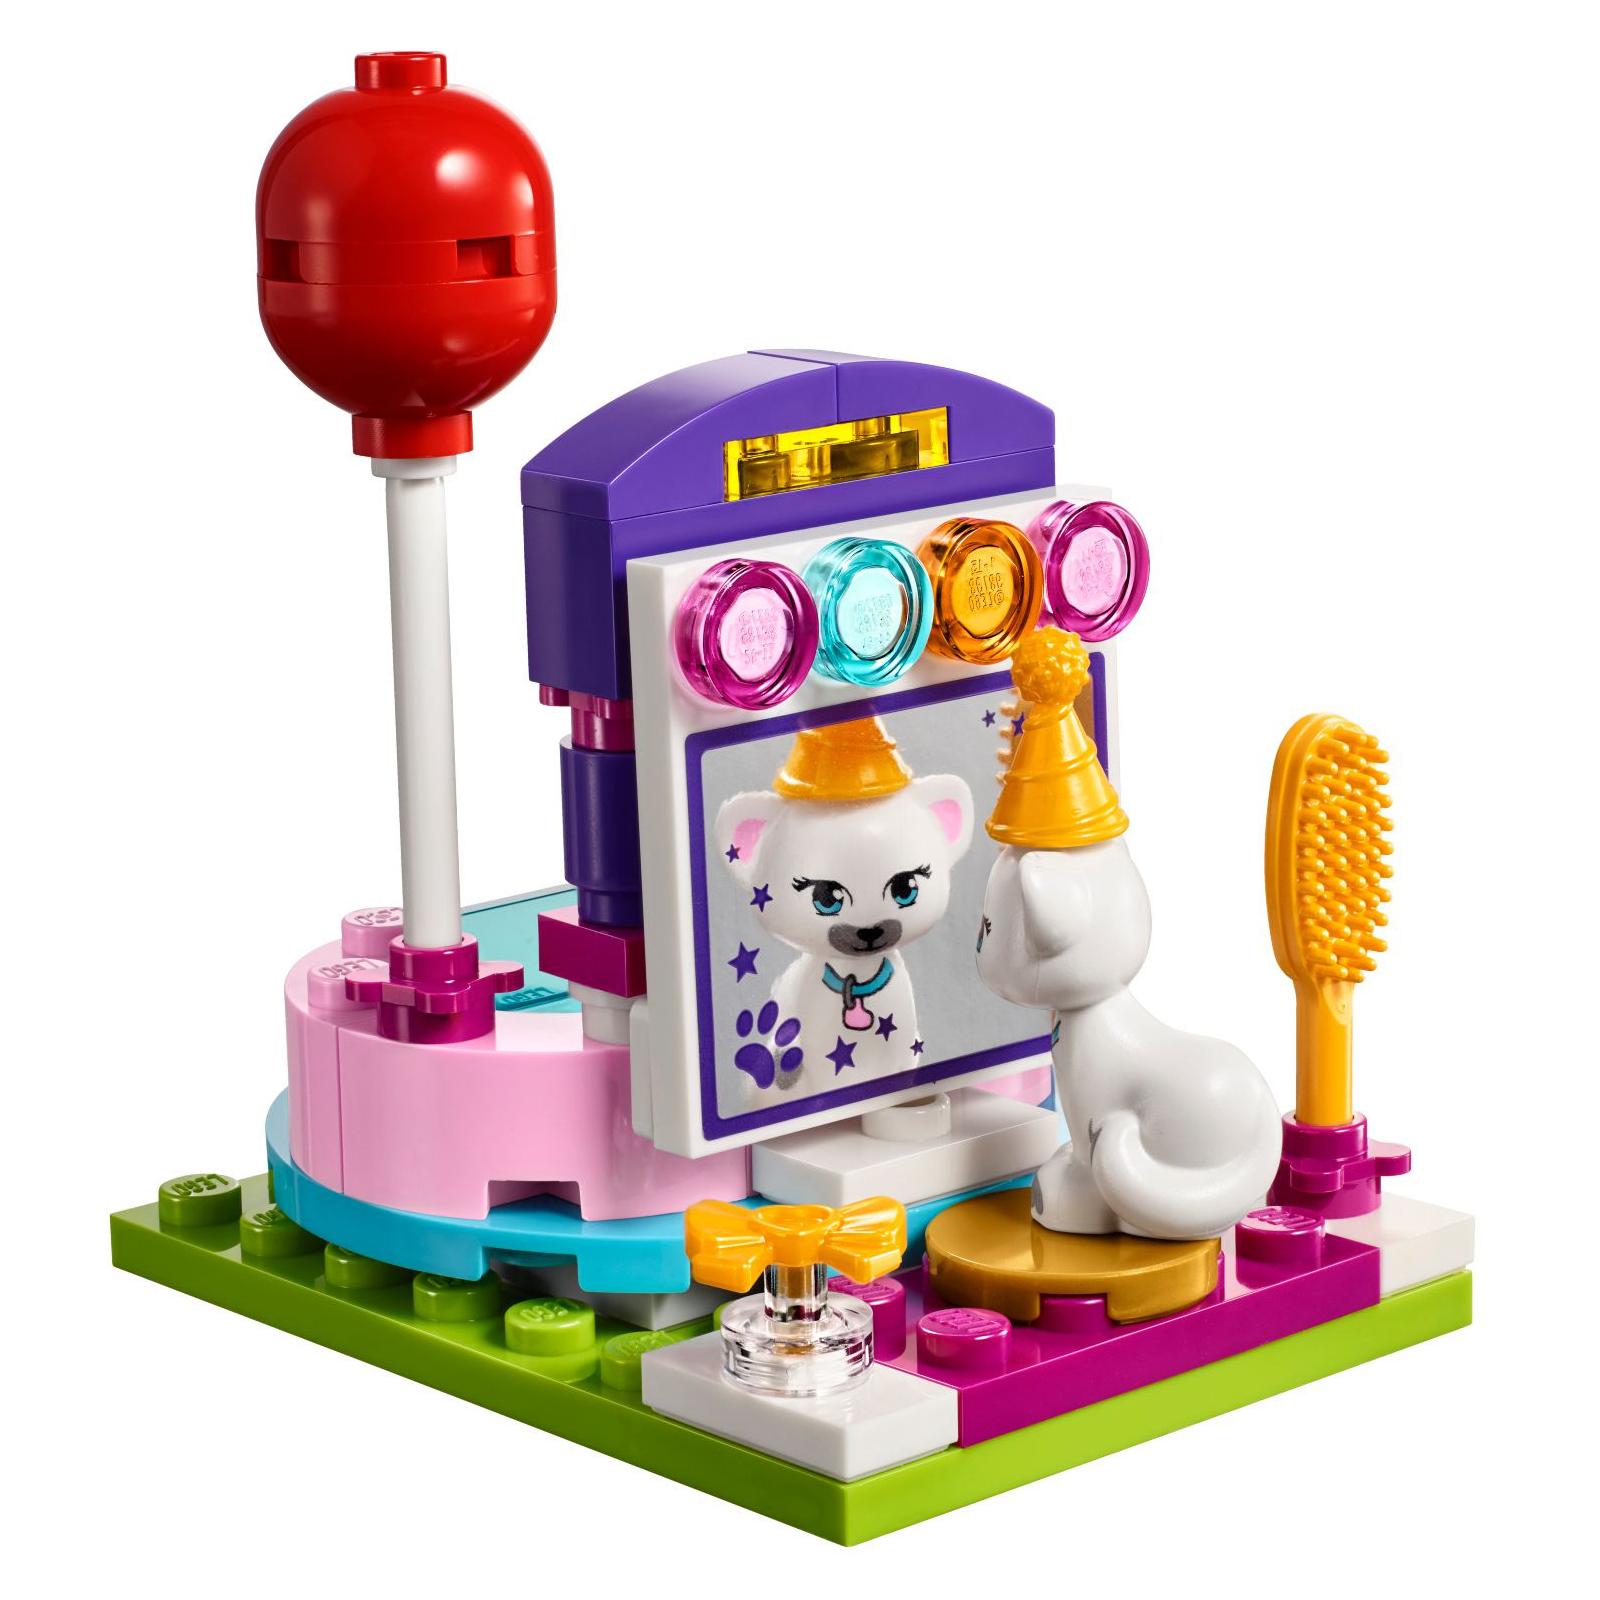 Конструктор LEGO Friends День рождения: салон красоты (41114) изображение 4